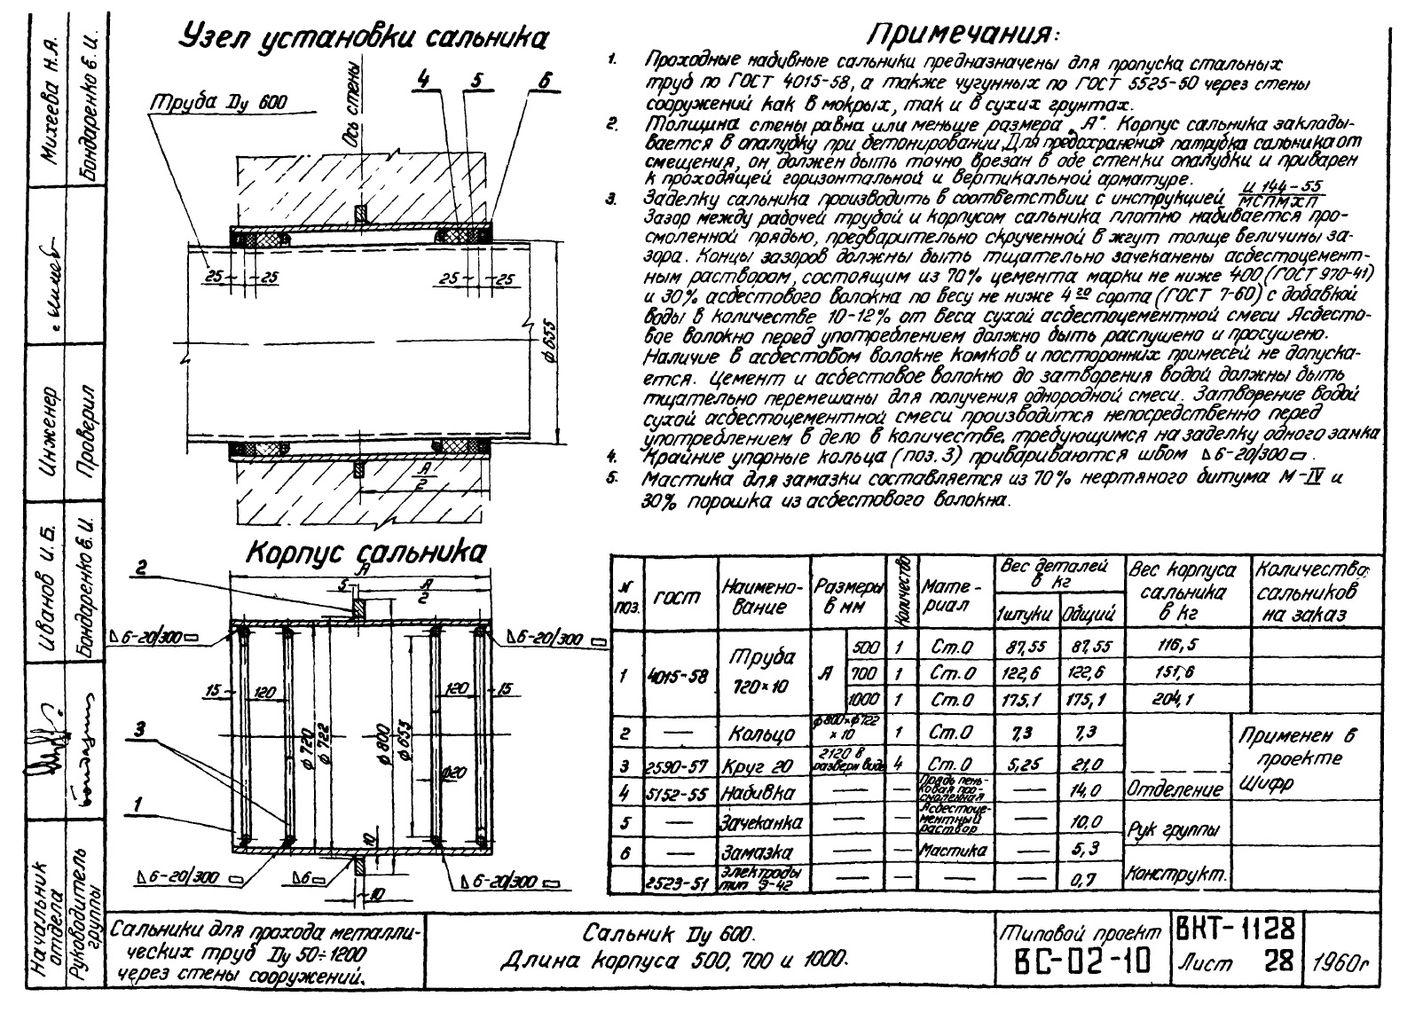 Сальники набивные L = 1000 мм типовой проект ВС-02-10 стр.13